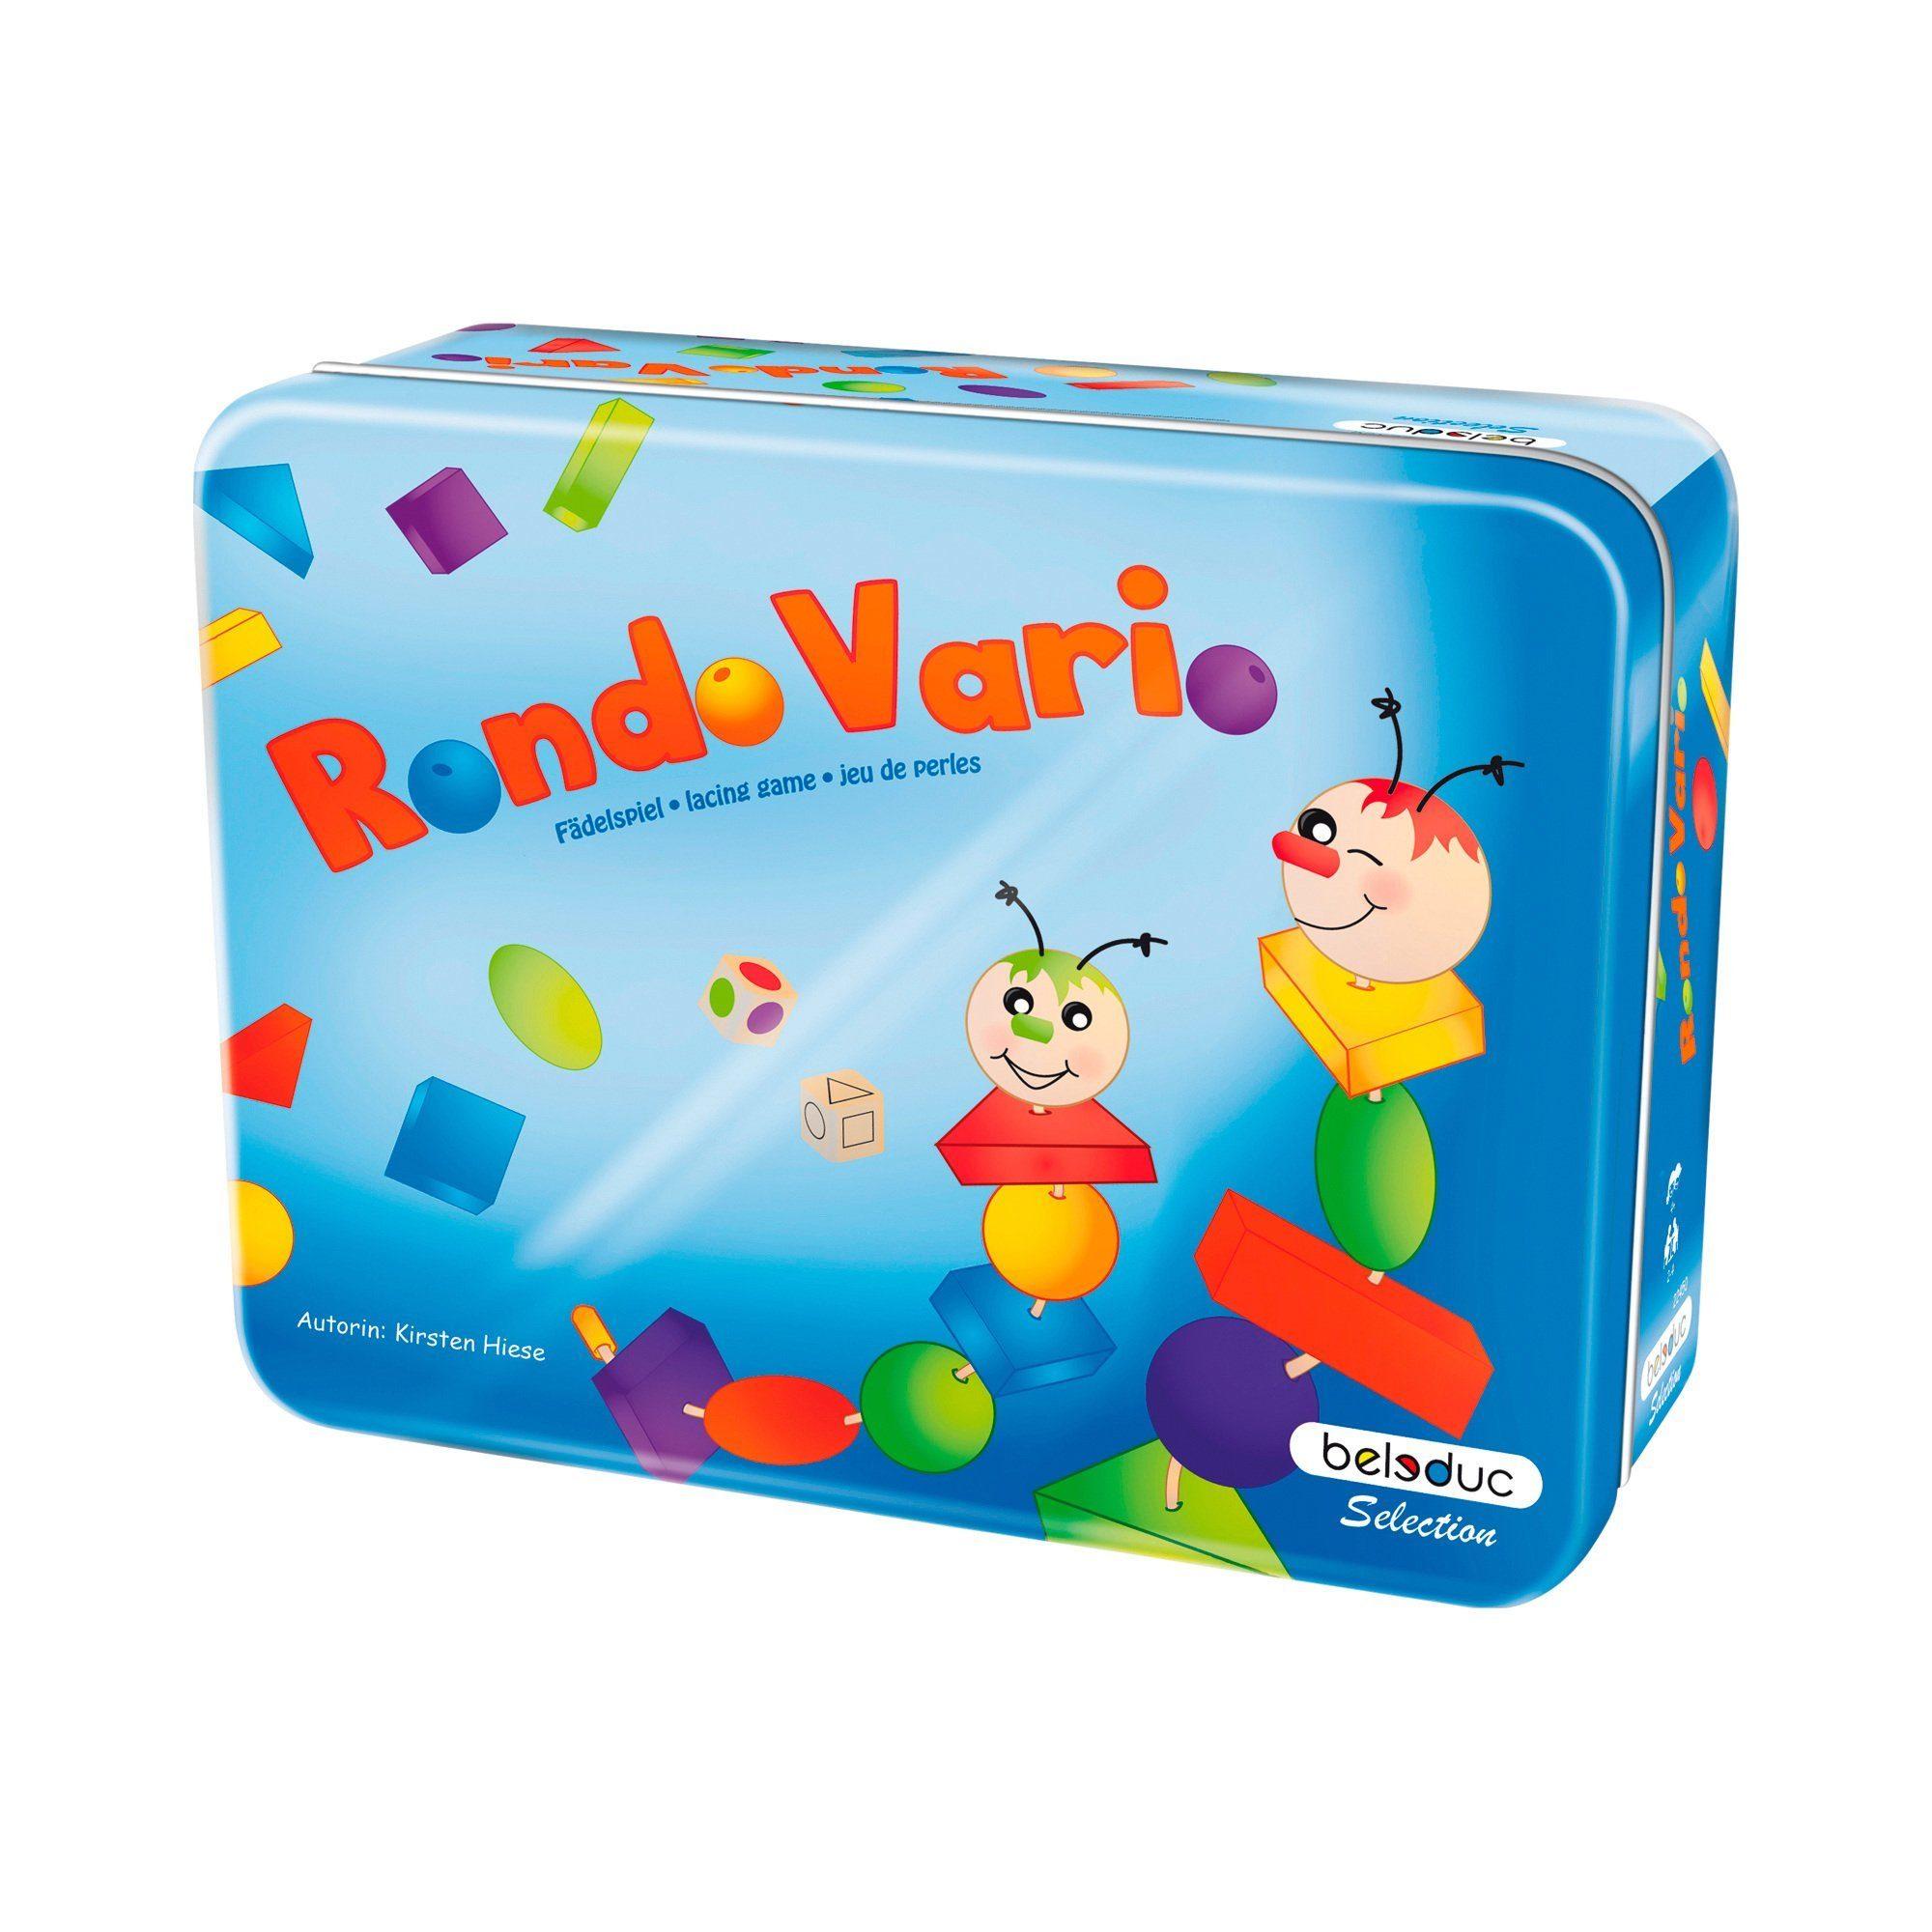 BELEDUC Kreativspiel - Rondo Vario